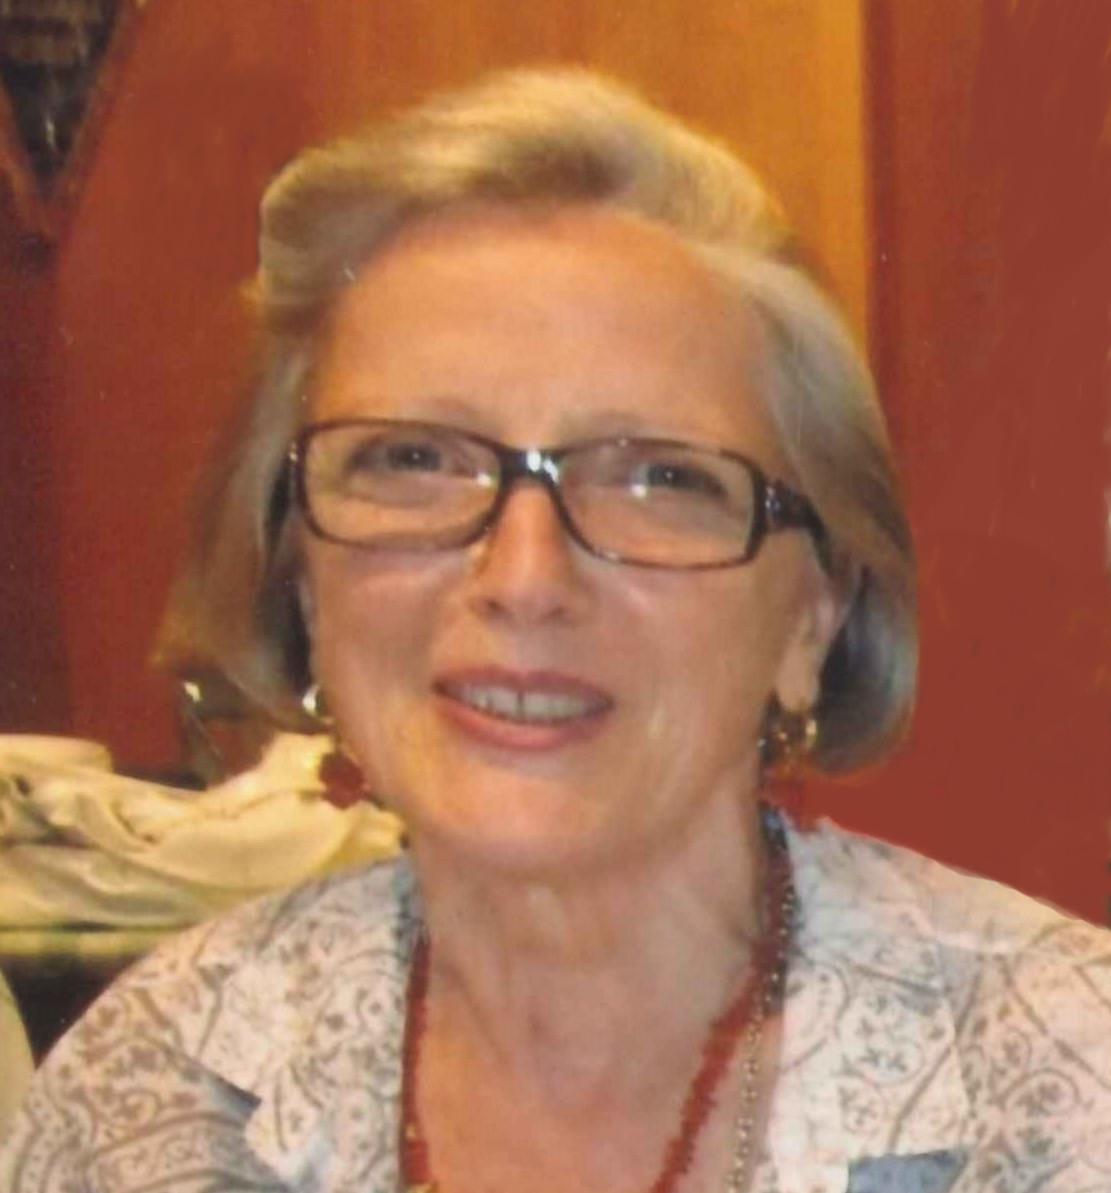 Daniela Venier ved. Renzulli